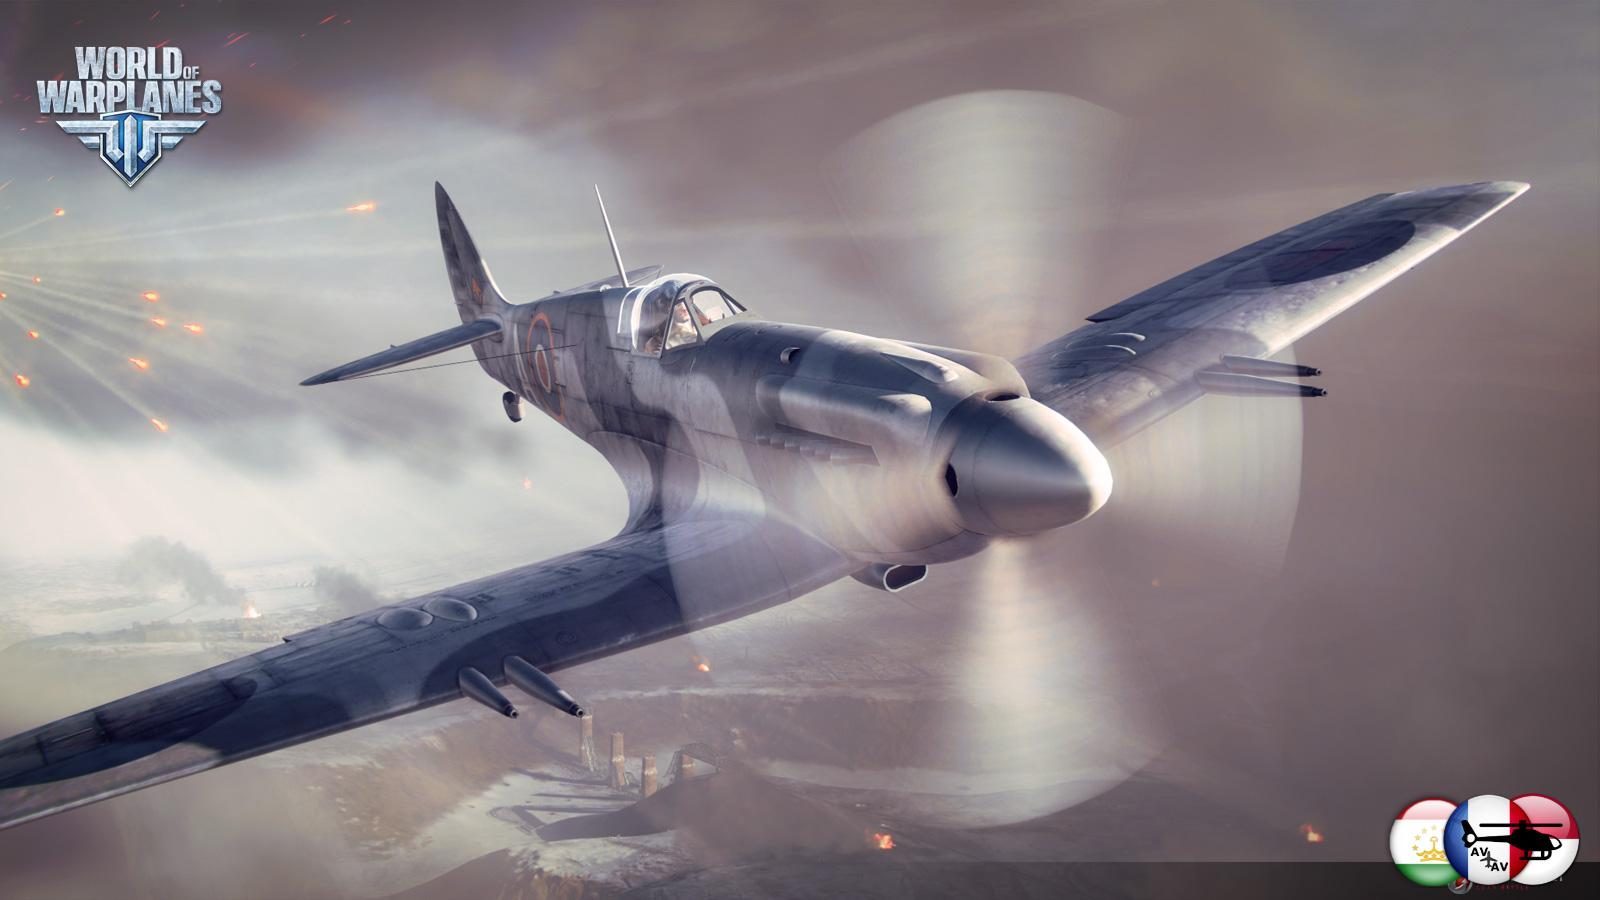 Сборник шкурок американских самолетов для WoWp 0.4.1